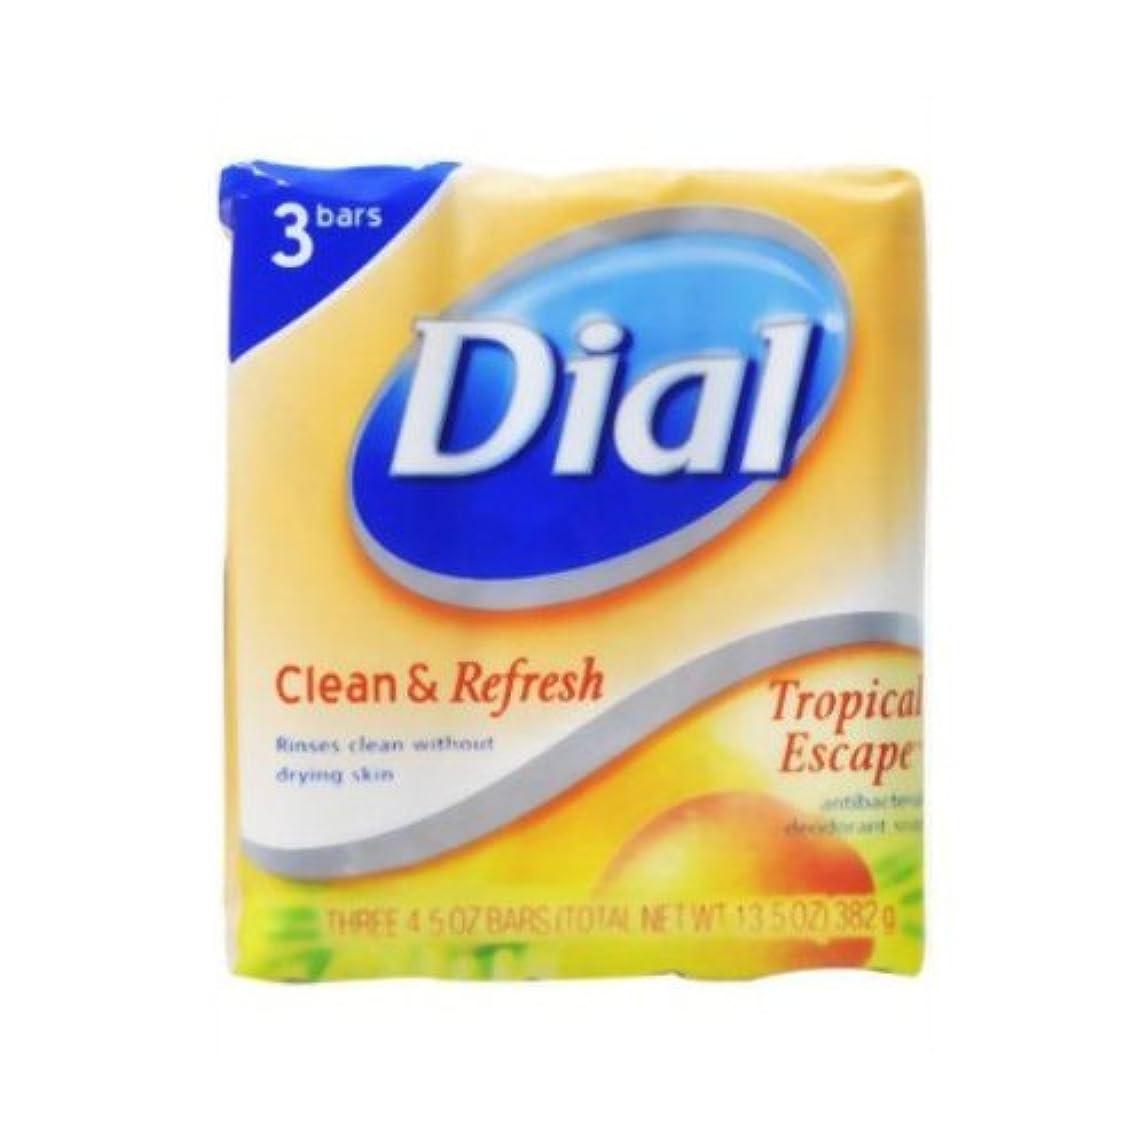 旅行壁紙後ろに【DIAL】ダイアル デオドラント石鹸 トロピカルエスケープ 3個パック